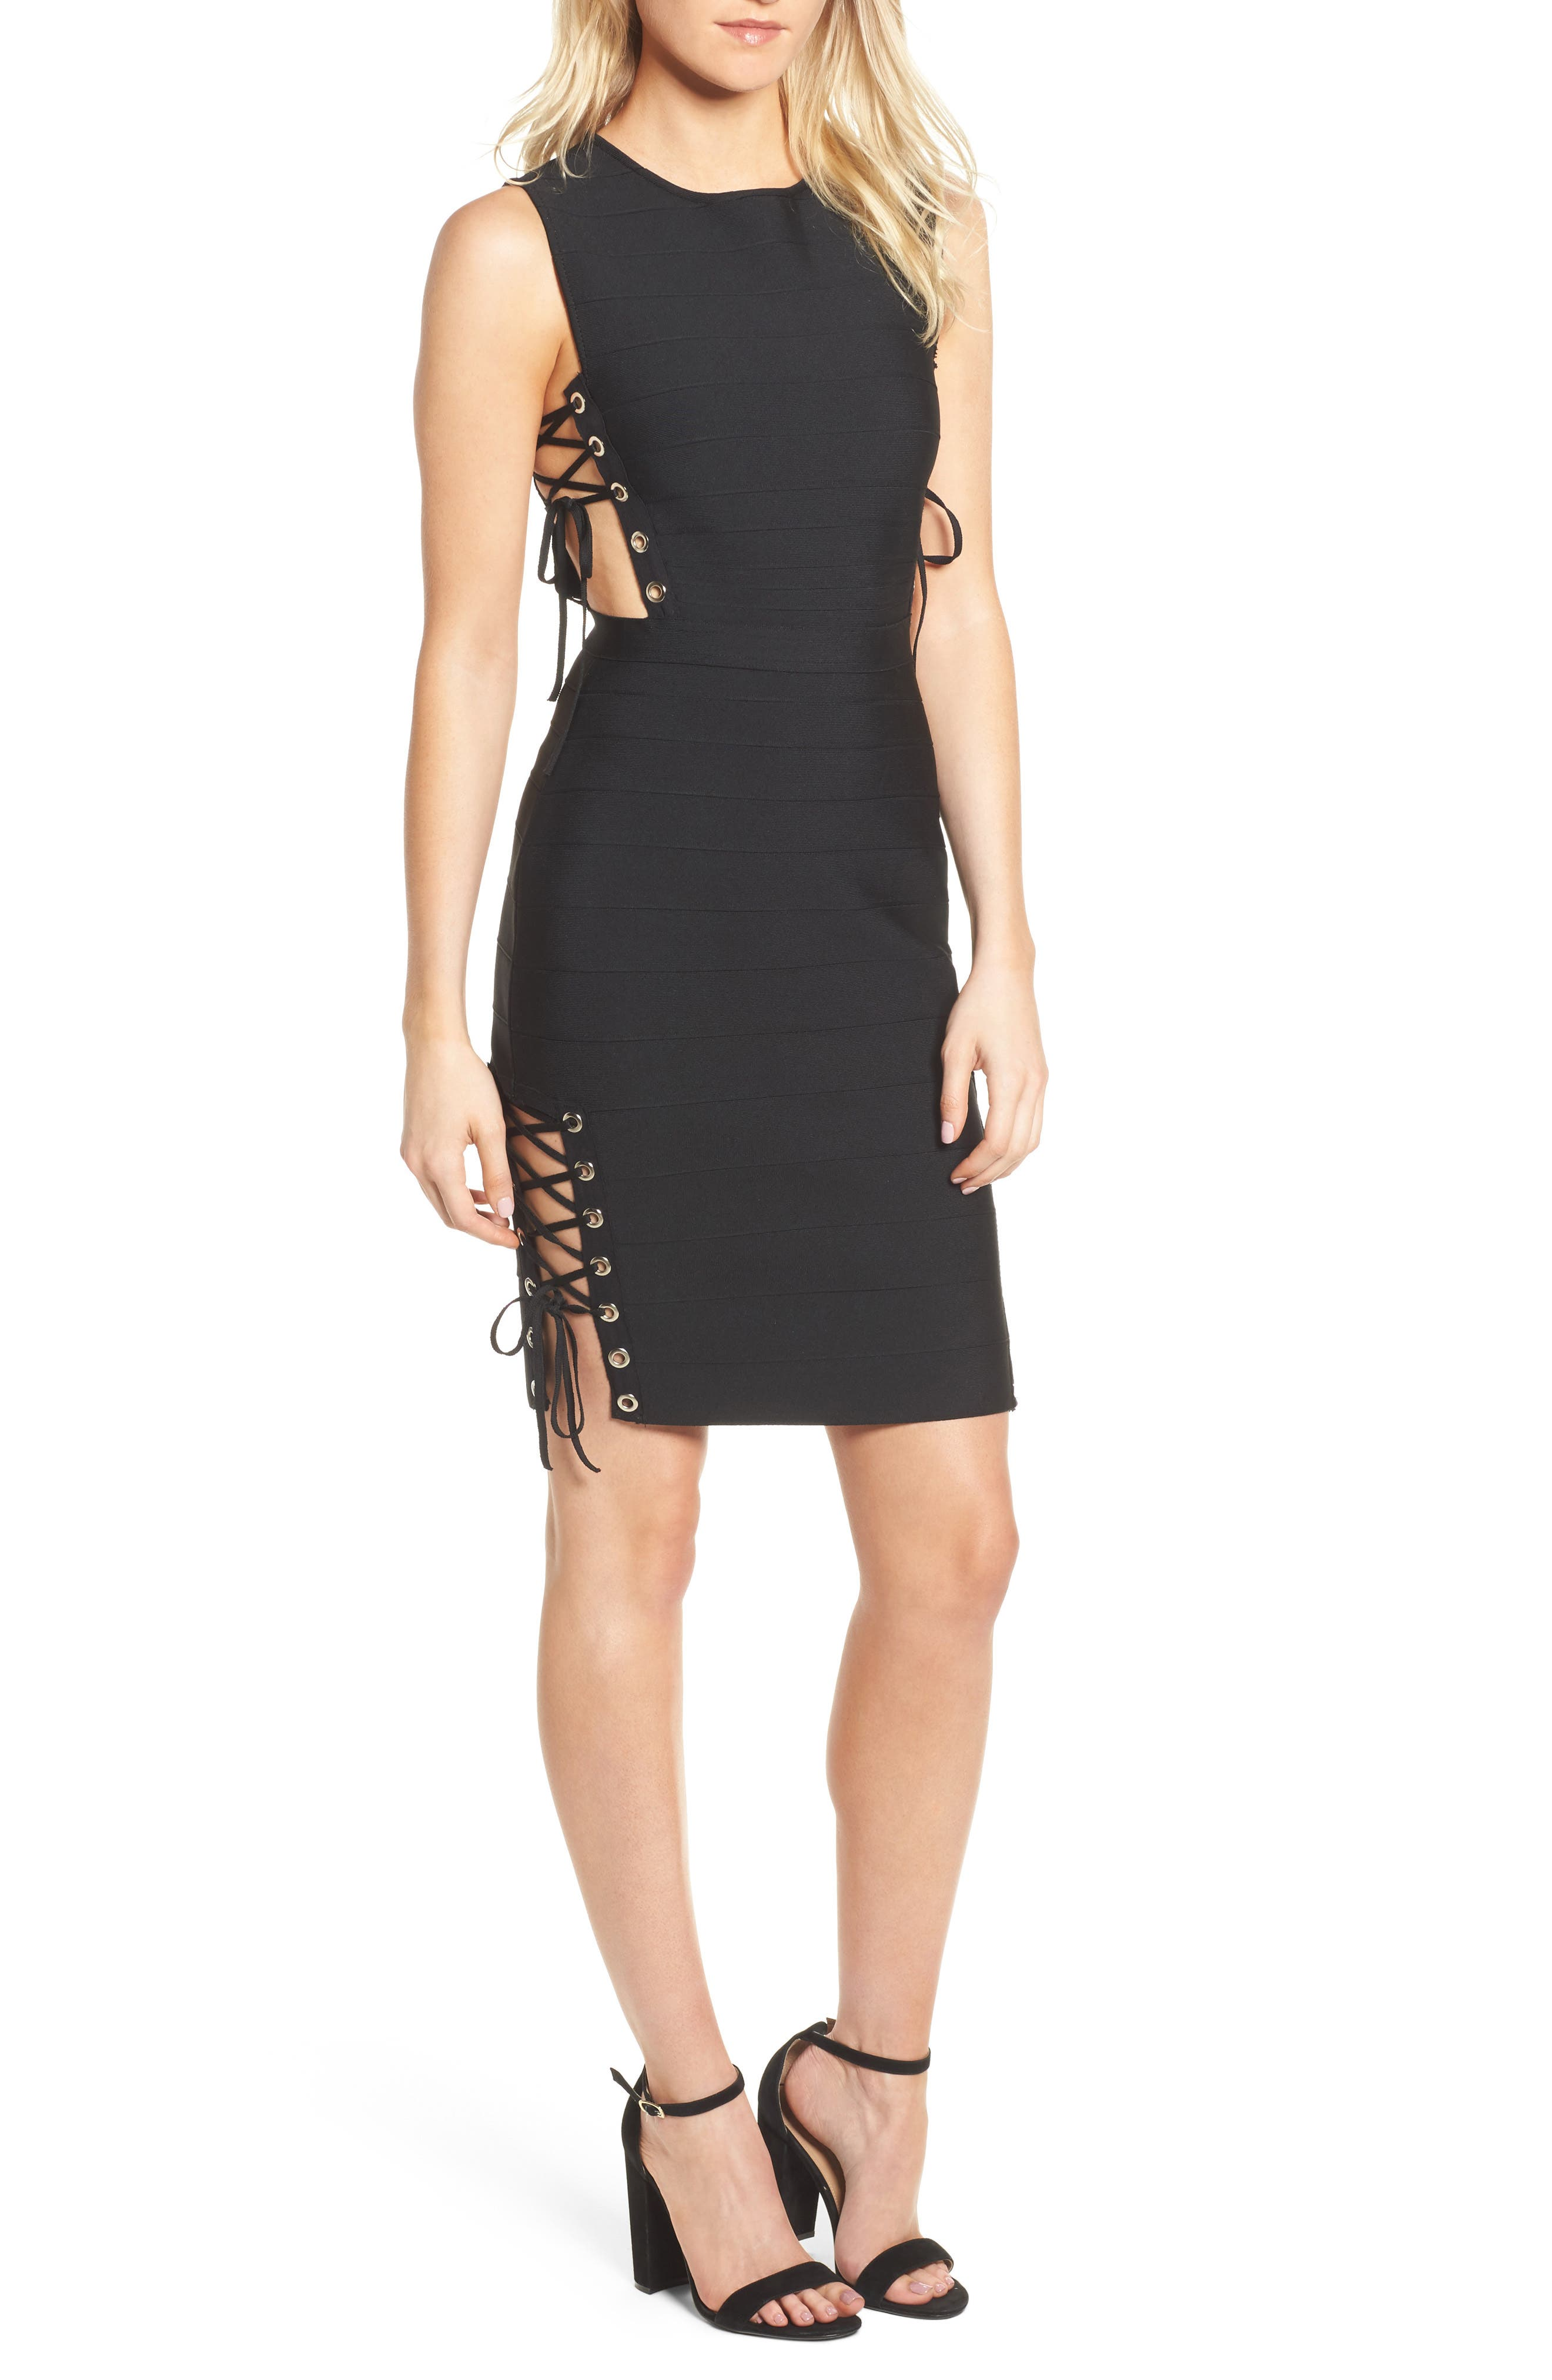 Alternate Image 1 Selected - Sentimental NY Lace-Up Bandage Dress